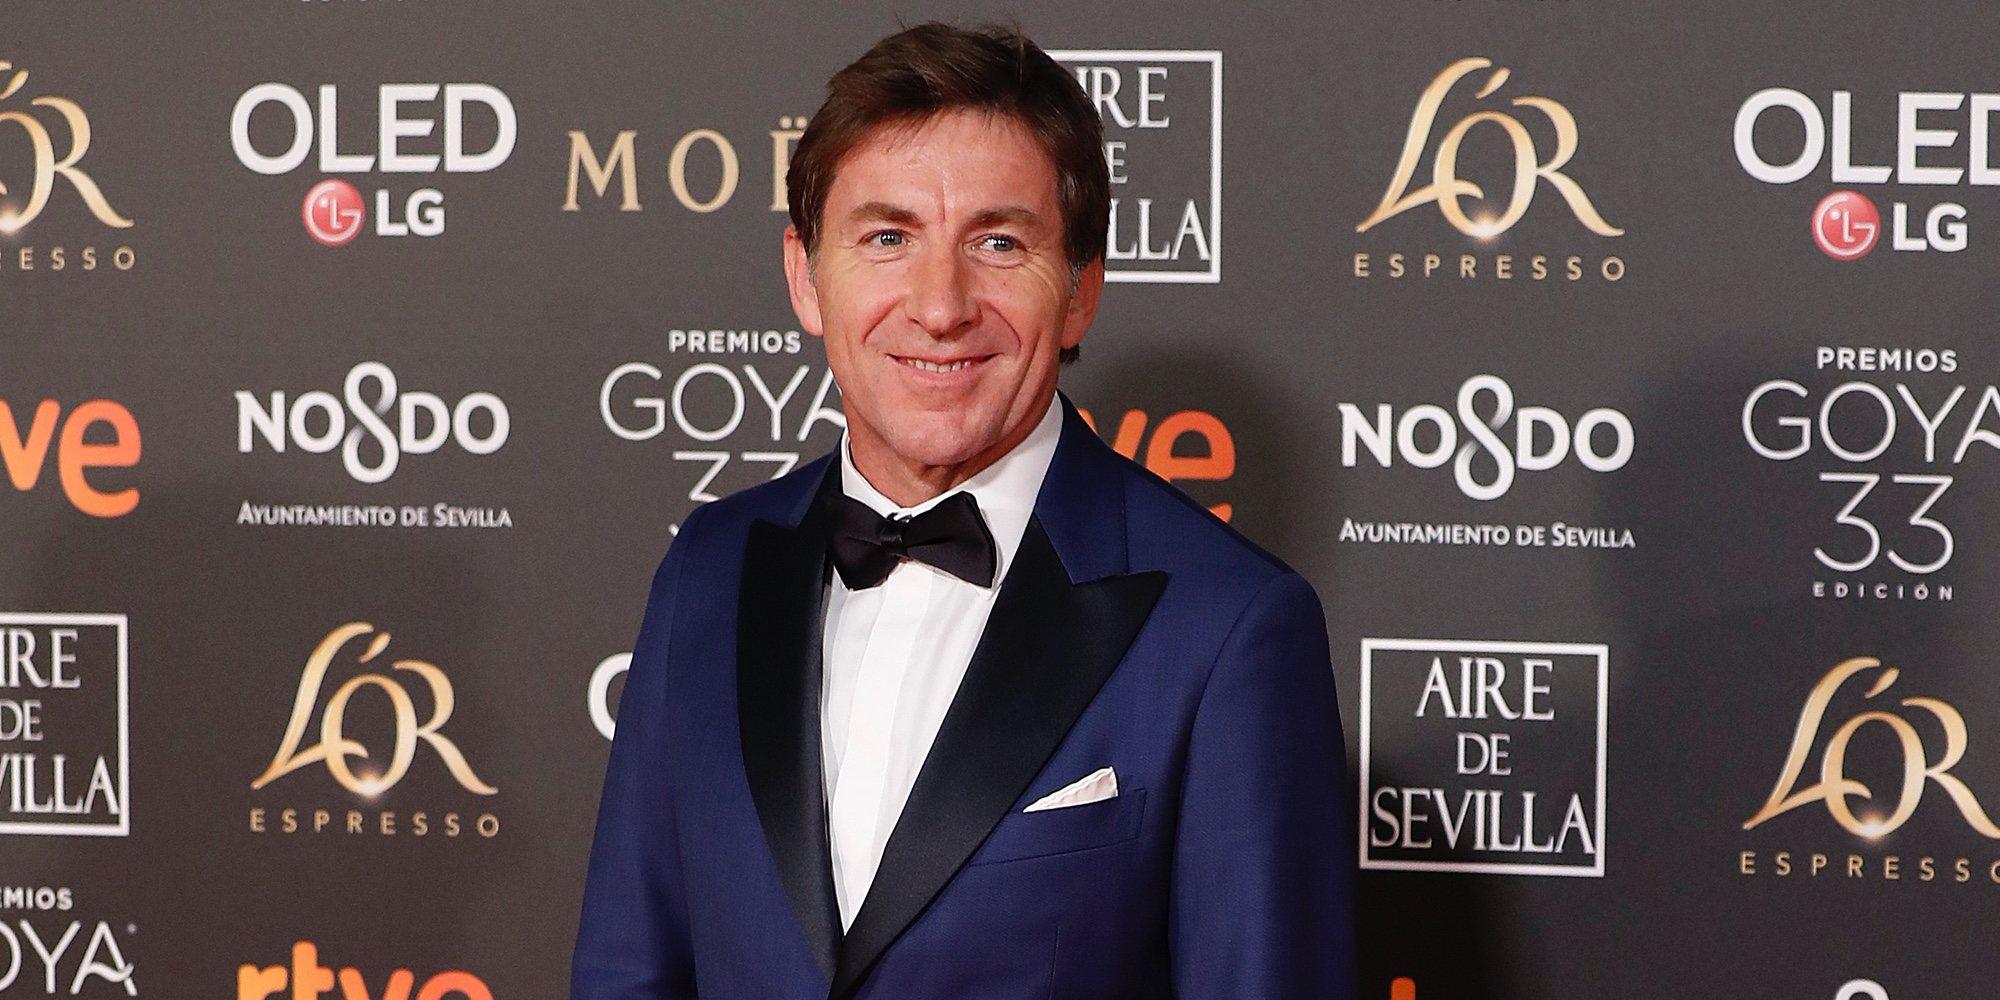 Antonio de la Torre recuerda a Chiquito de la Calzada al recibir el Goya 2019 a Mejor Actor